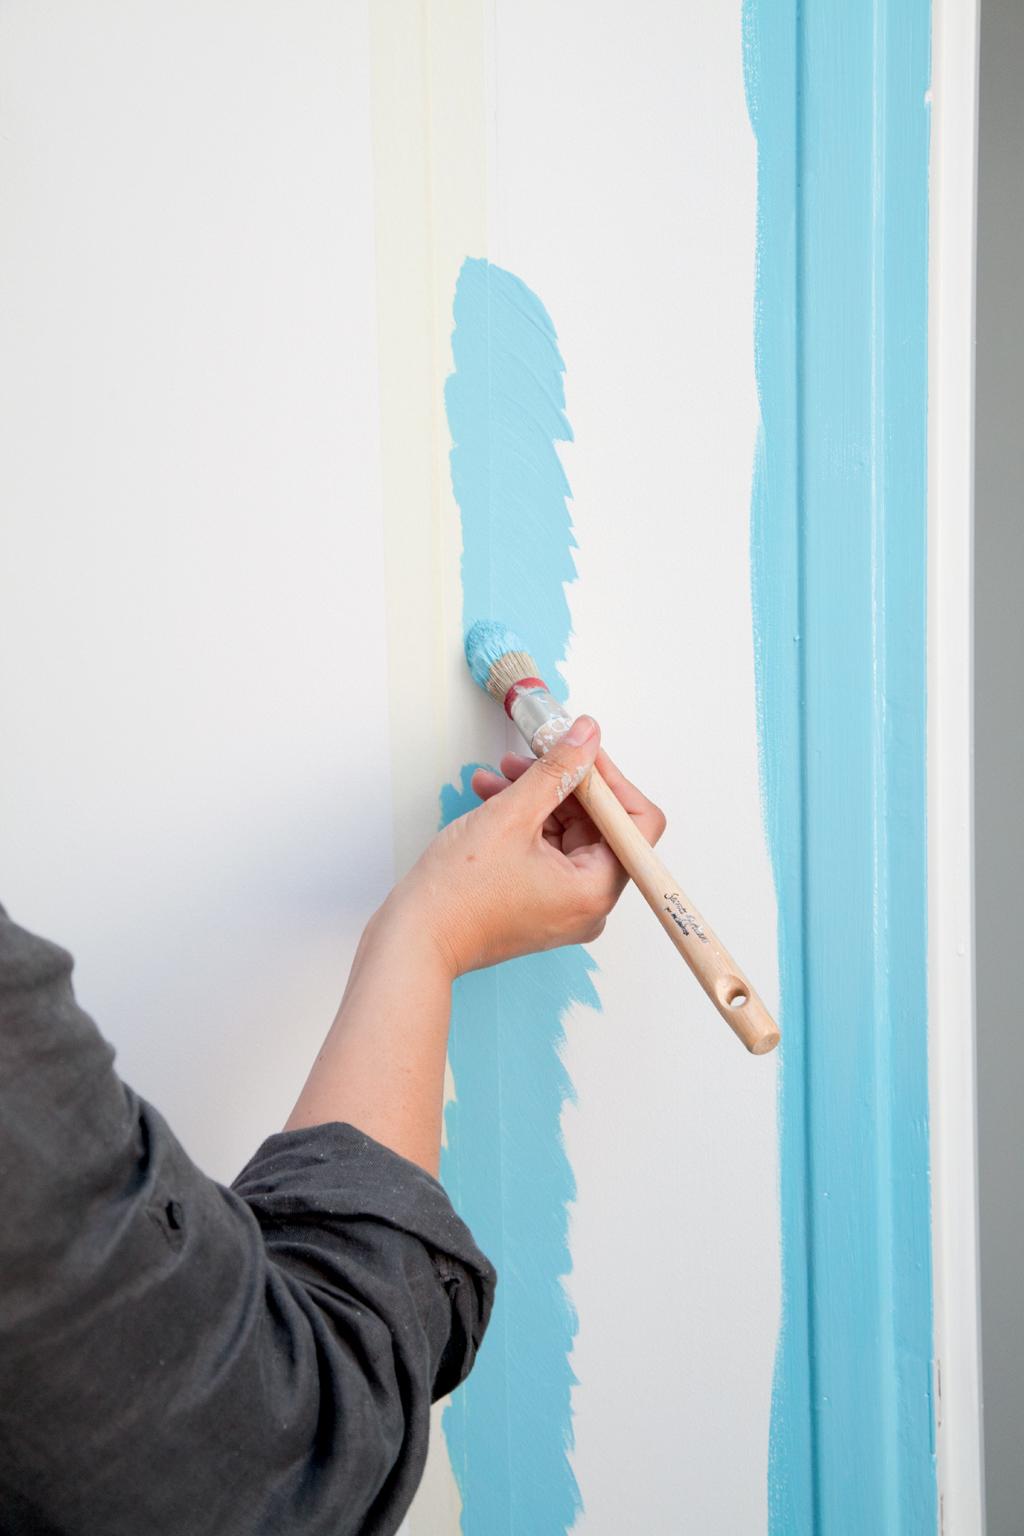 Comment peindre une porte au rouleau diy family - Quel rouleau pour peindre une porte ...